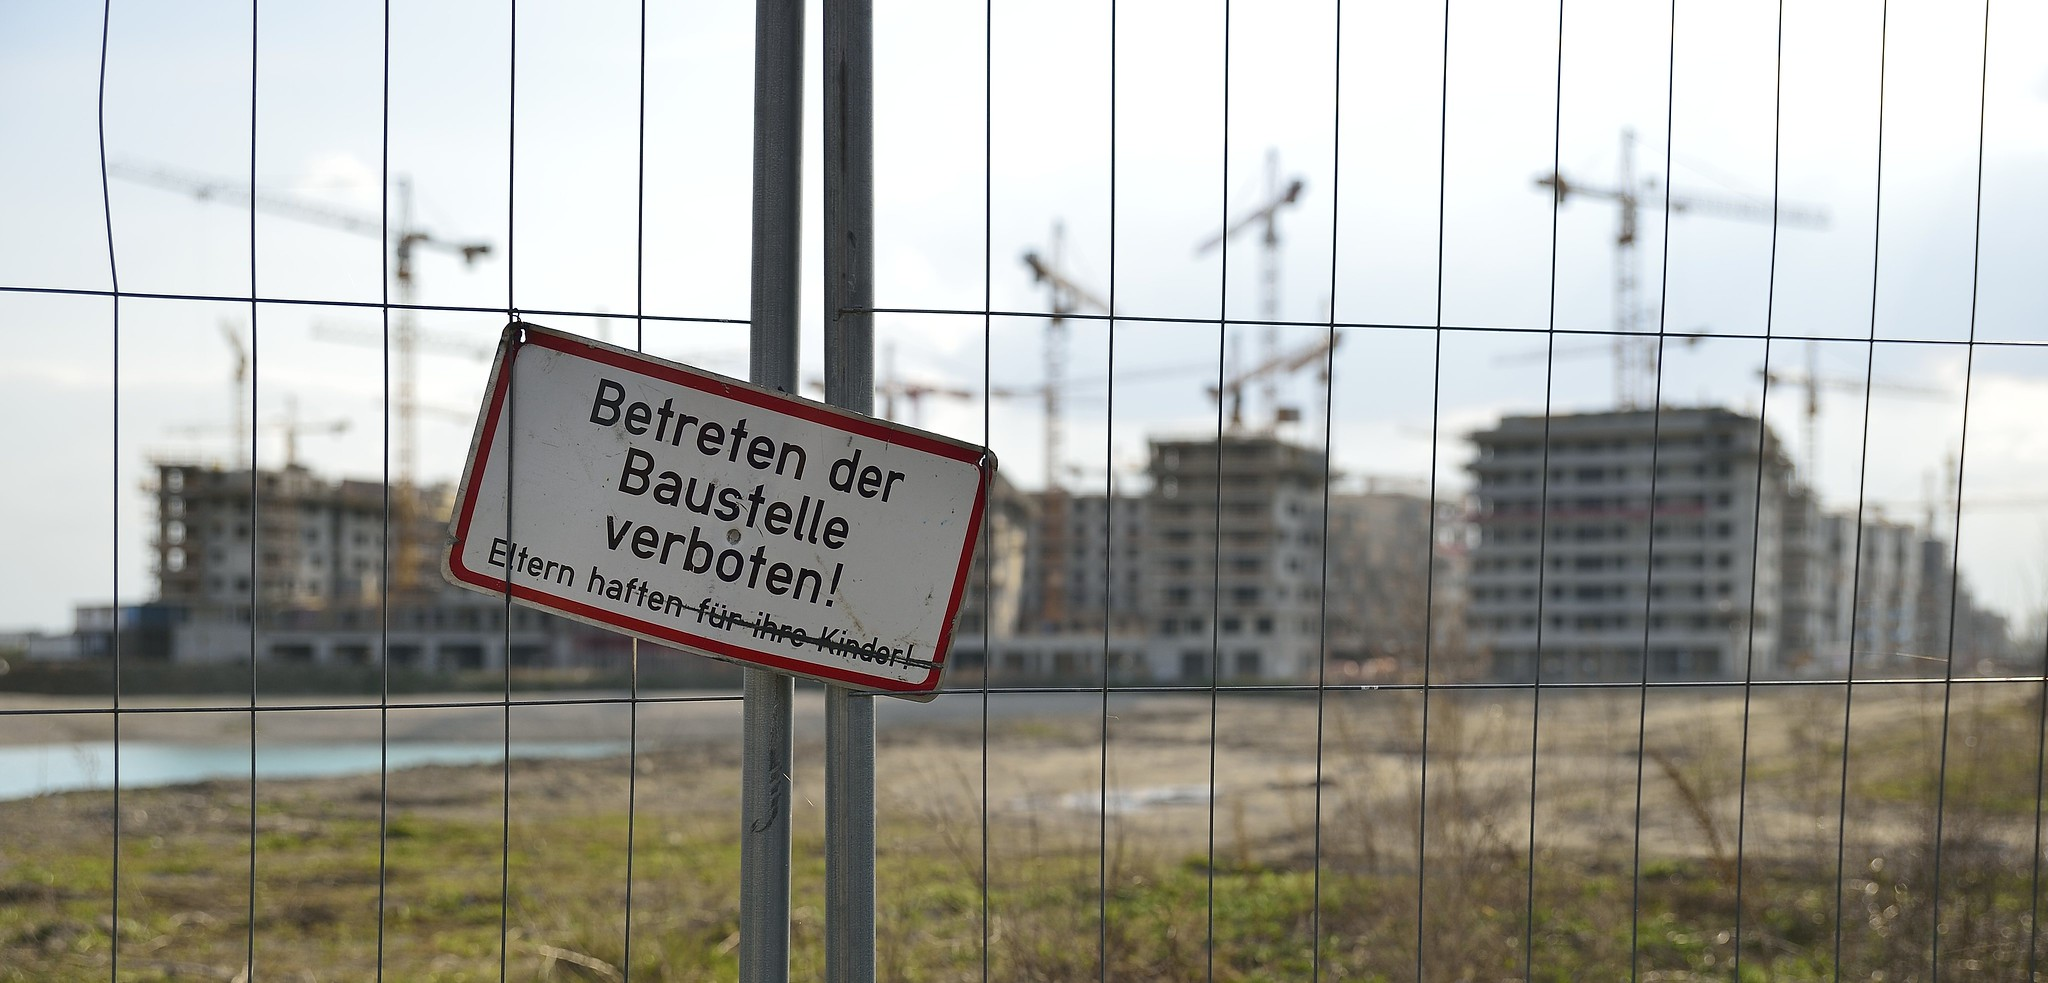 See? Stadt? #wien